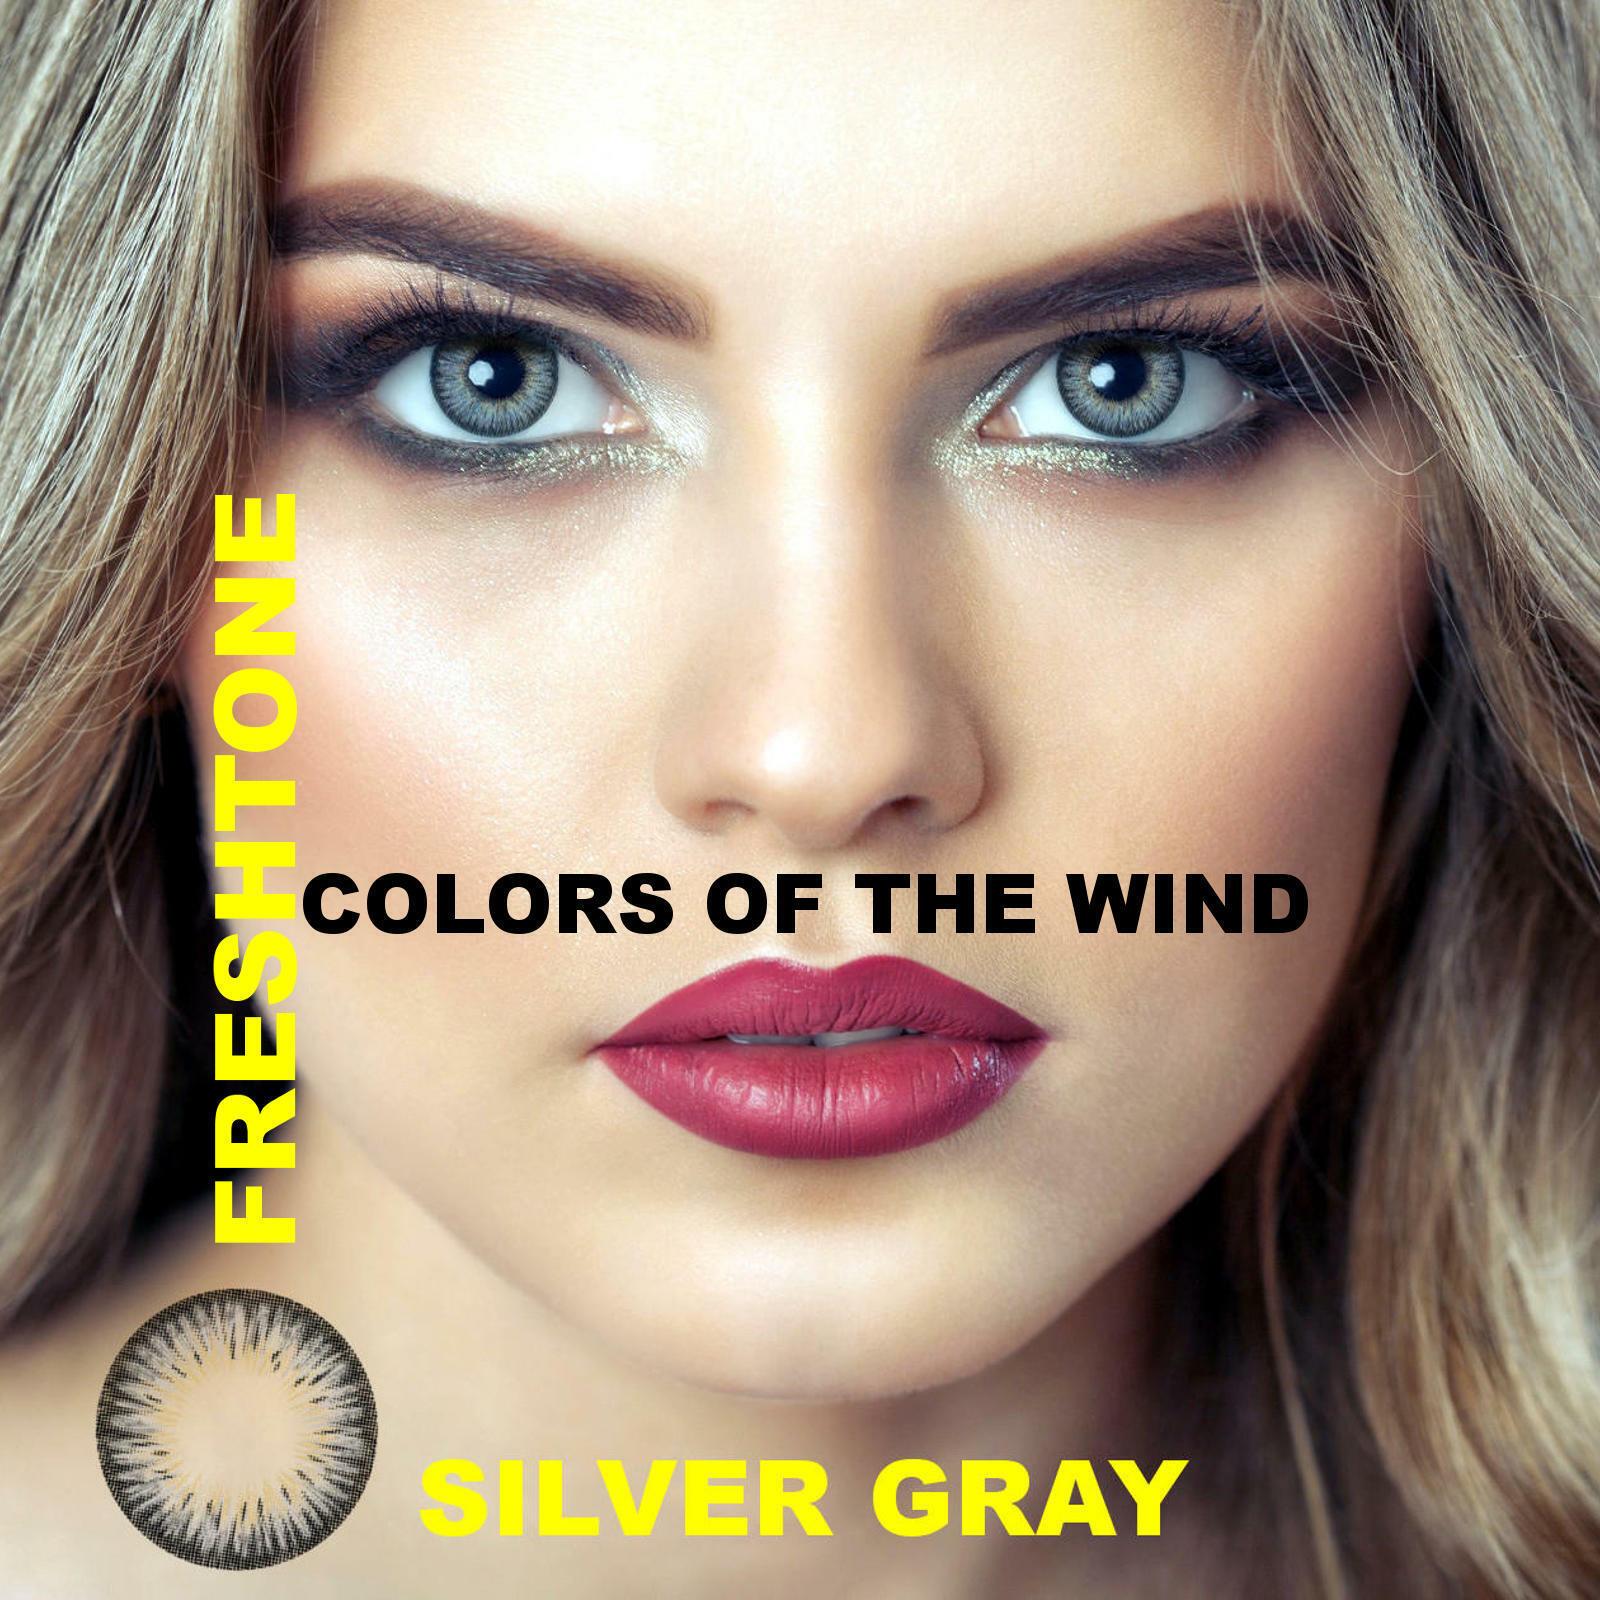 Farbige Kontaktlinsen ohne Stärke Jahreslinsen 12 Monatslinsen jasmine Freshtone